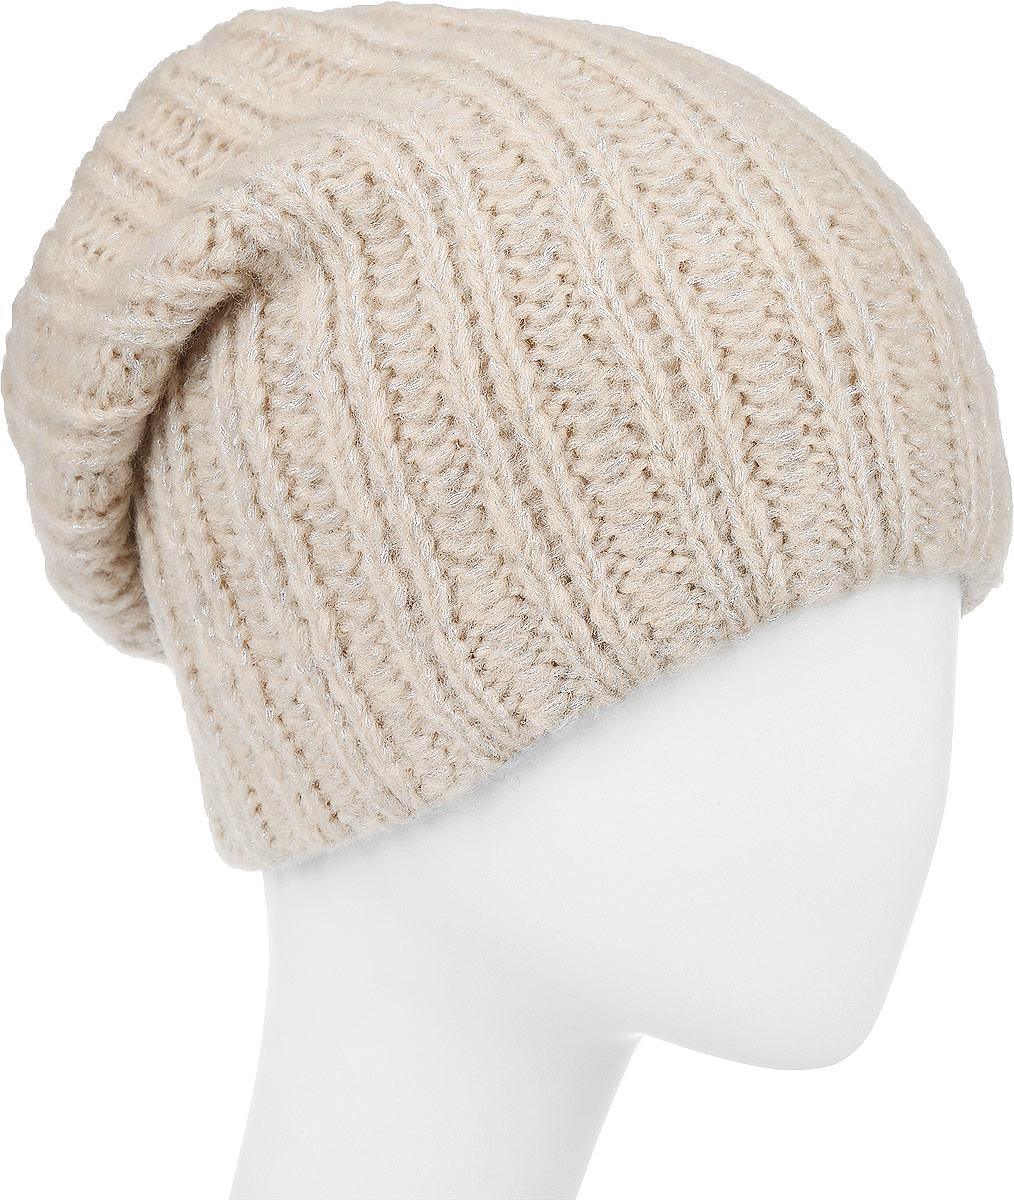 ШапкаF2251857E-05Вязаная женская шапка Vittorio Richi выполнена из мохера с добавлением шерсти, акрила и полиэстера. Модель оформлена вязаным узором. Уважаемые клиенты! Размер, доступный для заказа, является обхватом головы.